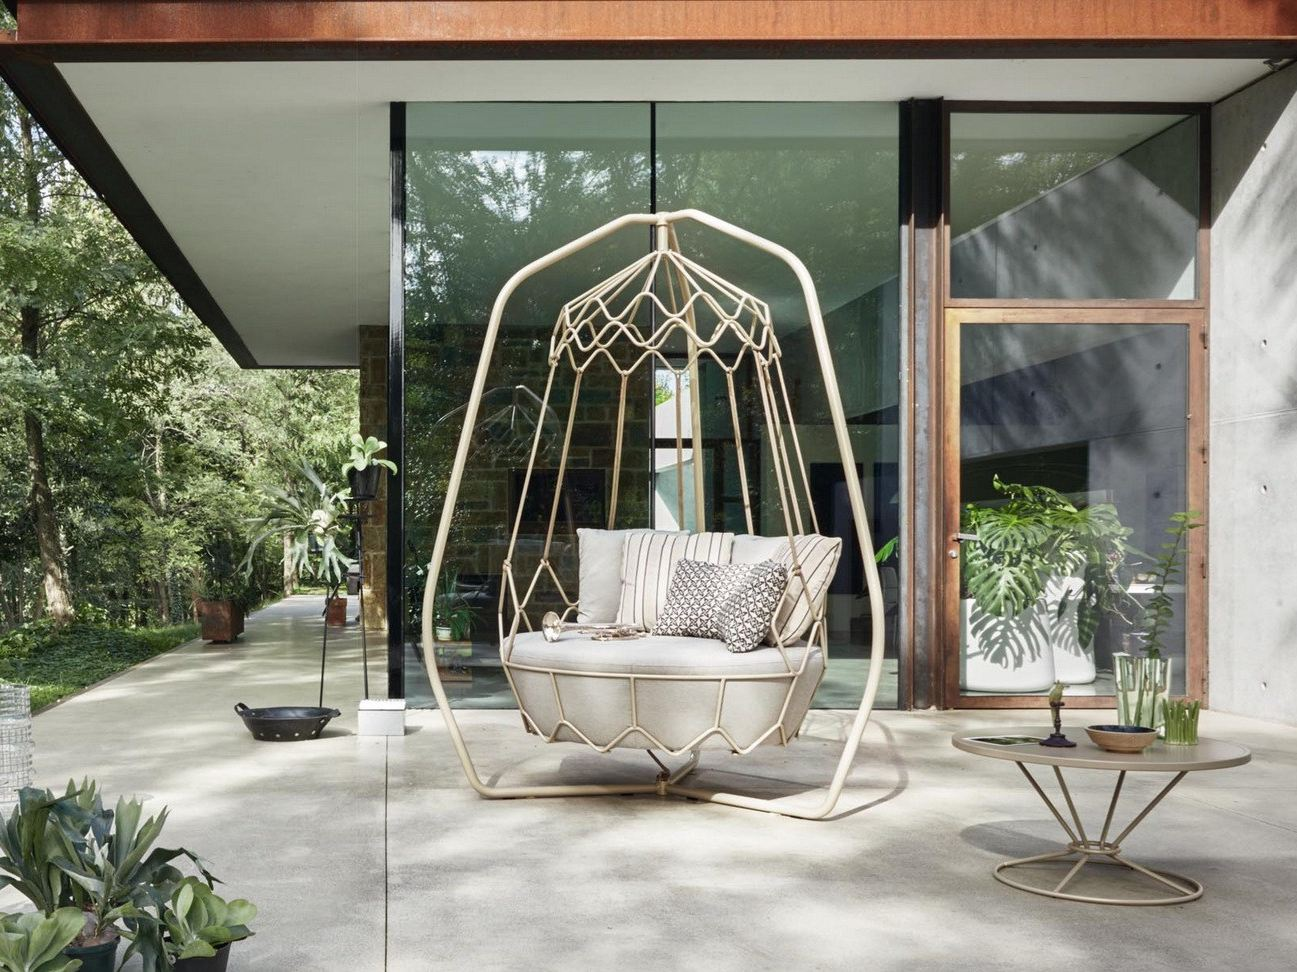 Gravity steel garden swing seat by roberti rattan design - Mobilier jardin design roberti rattan ...